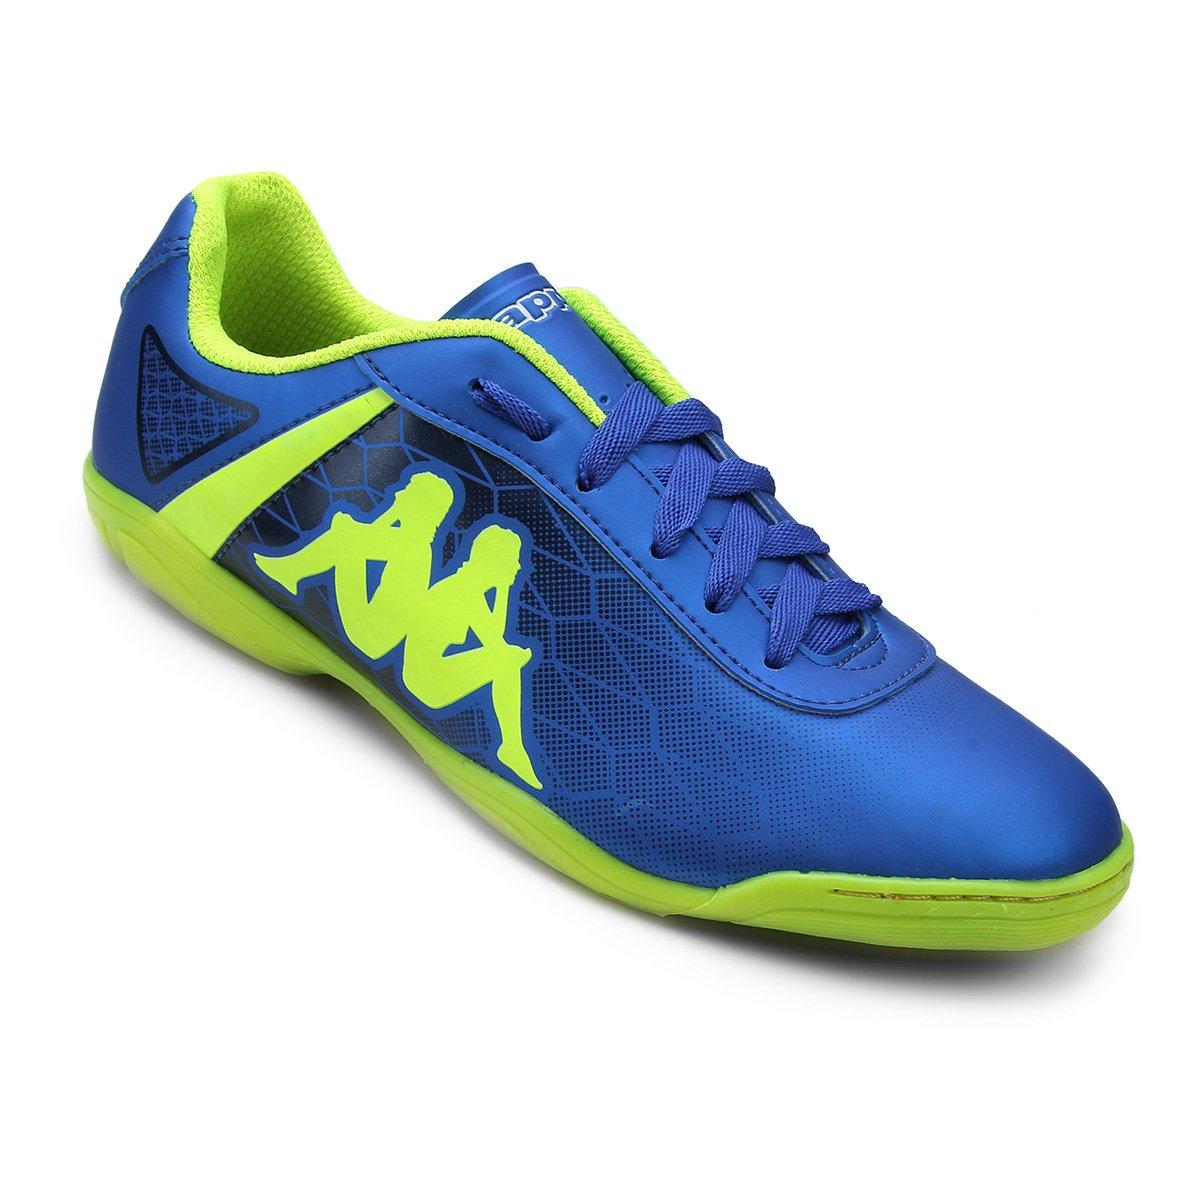 647cc56c27 Chuteira Futsal Kappa Torpedo